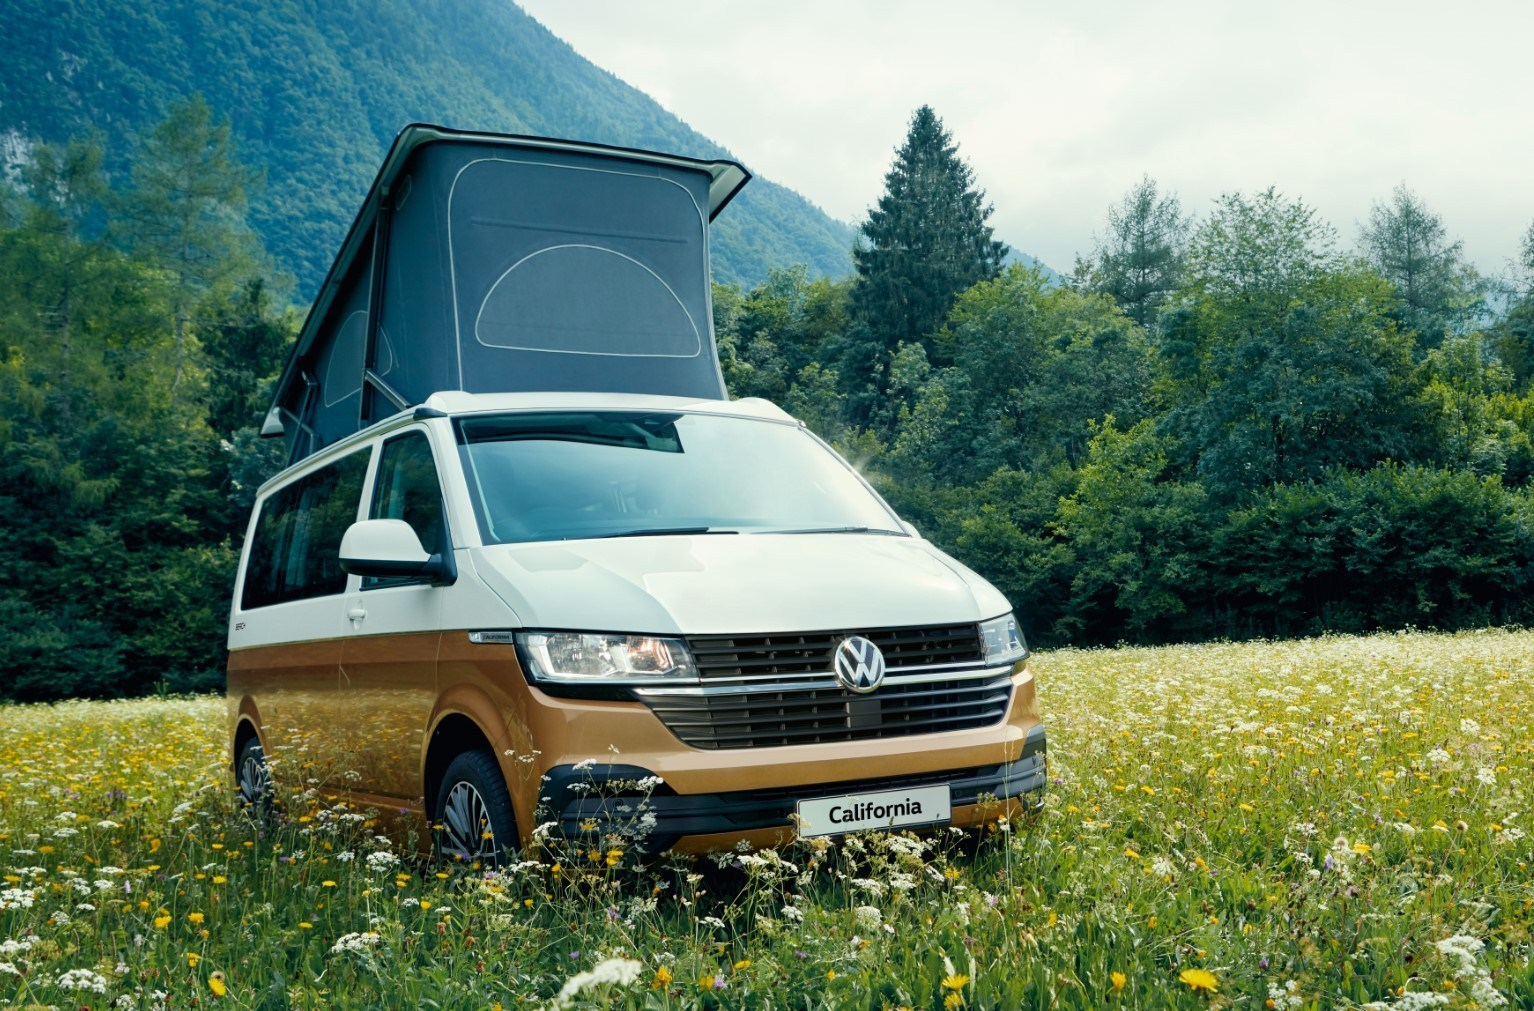 Volkswagen Camper 2021 Performance